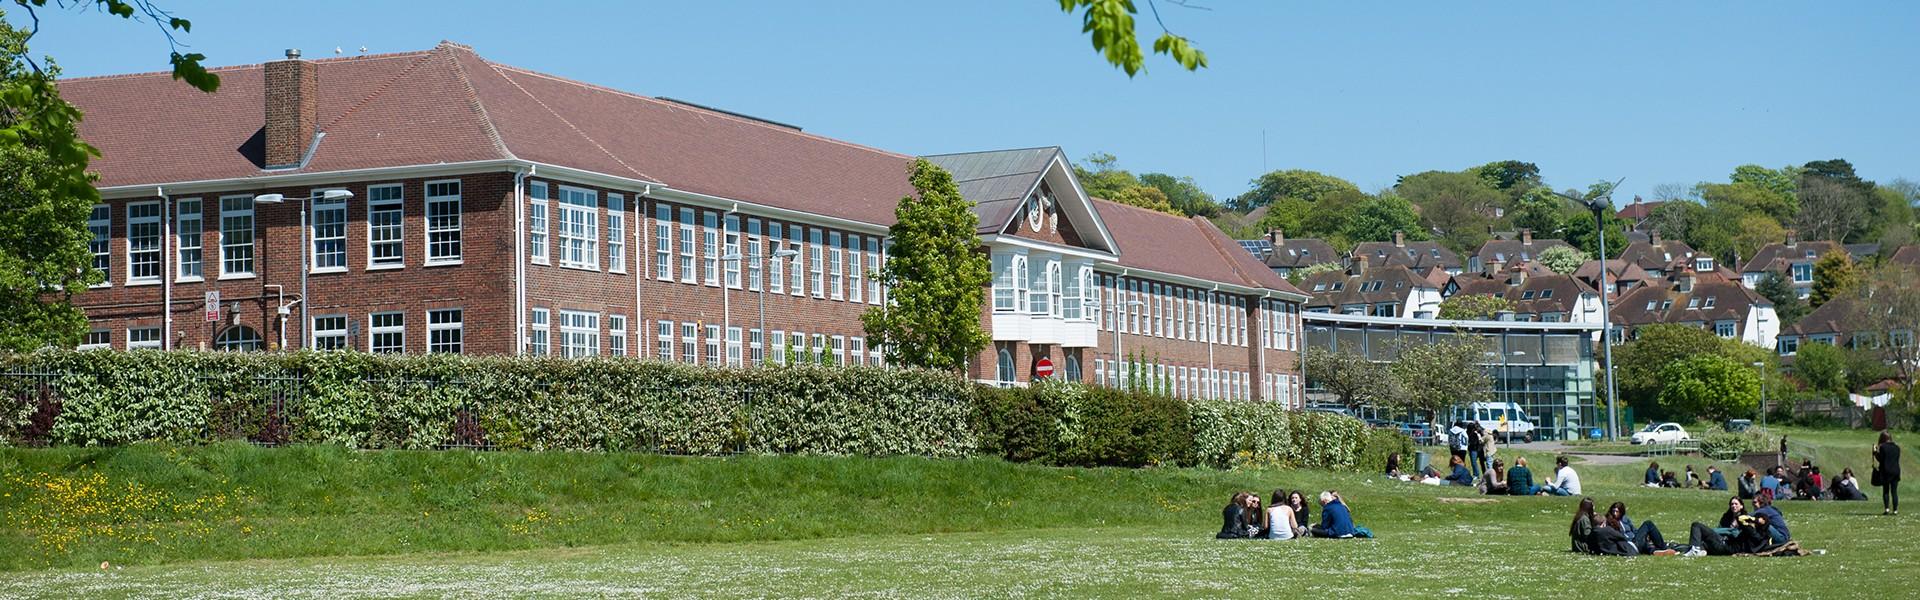 Educatius-UK-VarndenCollege-SchoolFront-Banner-2019